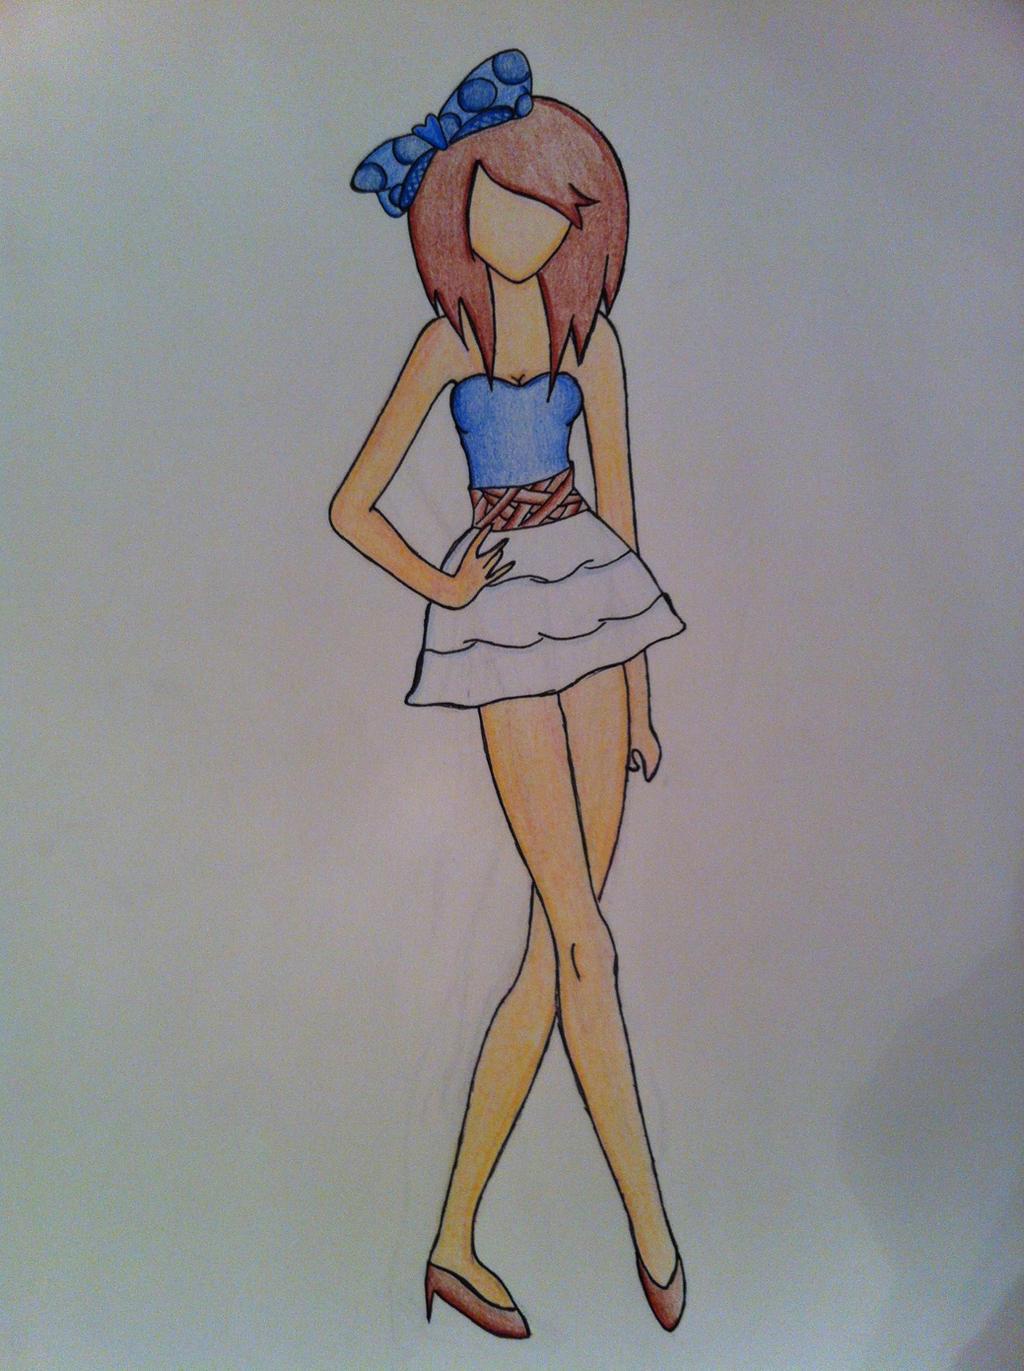 Cute Fashion Design By Jessie202 On Deviantart